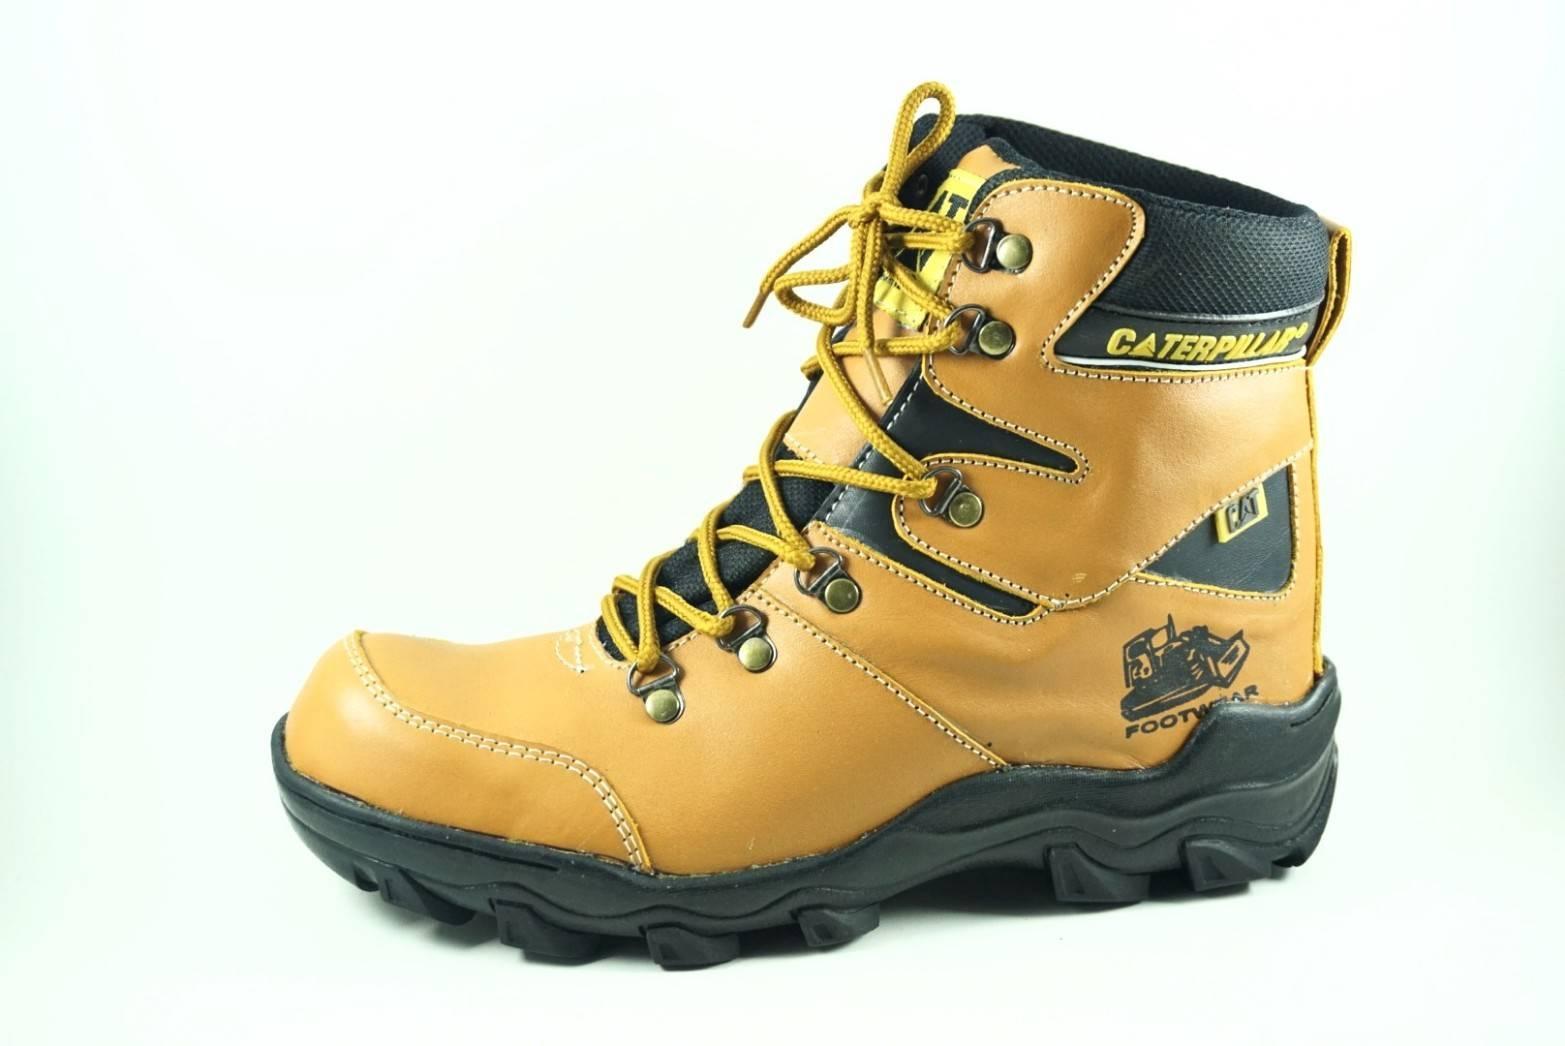 Pajero CATERPILLAR kulit safety Sepatu Olahraga Kerja Jalan-jalan Santai  Sekolah Joging Lapangan Kulit Sneaker fccc6fcff5